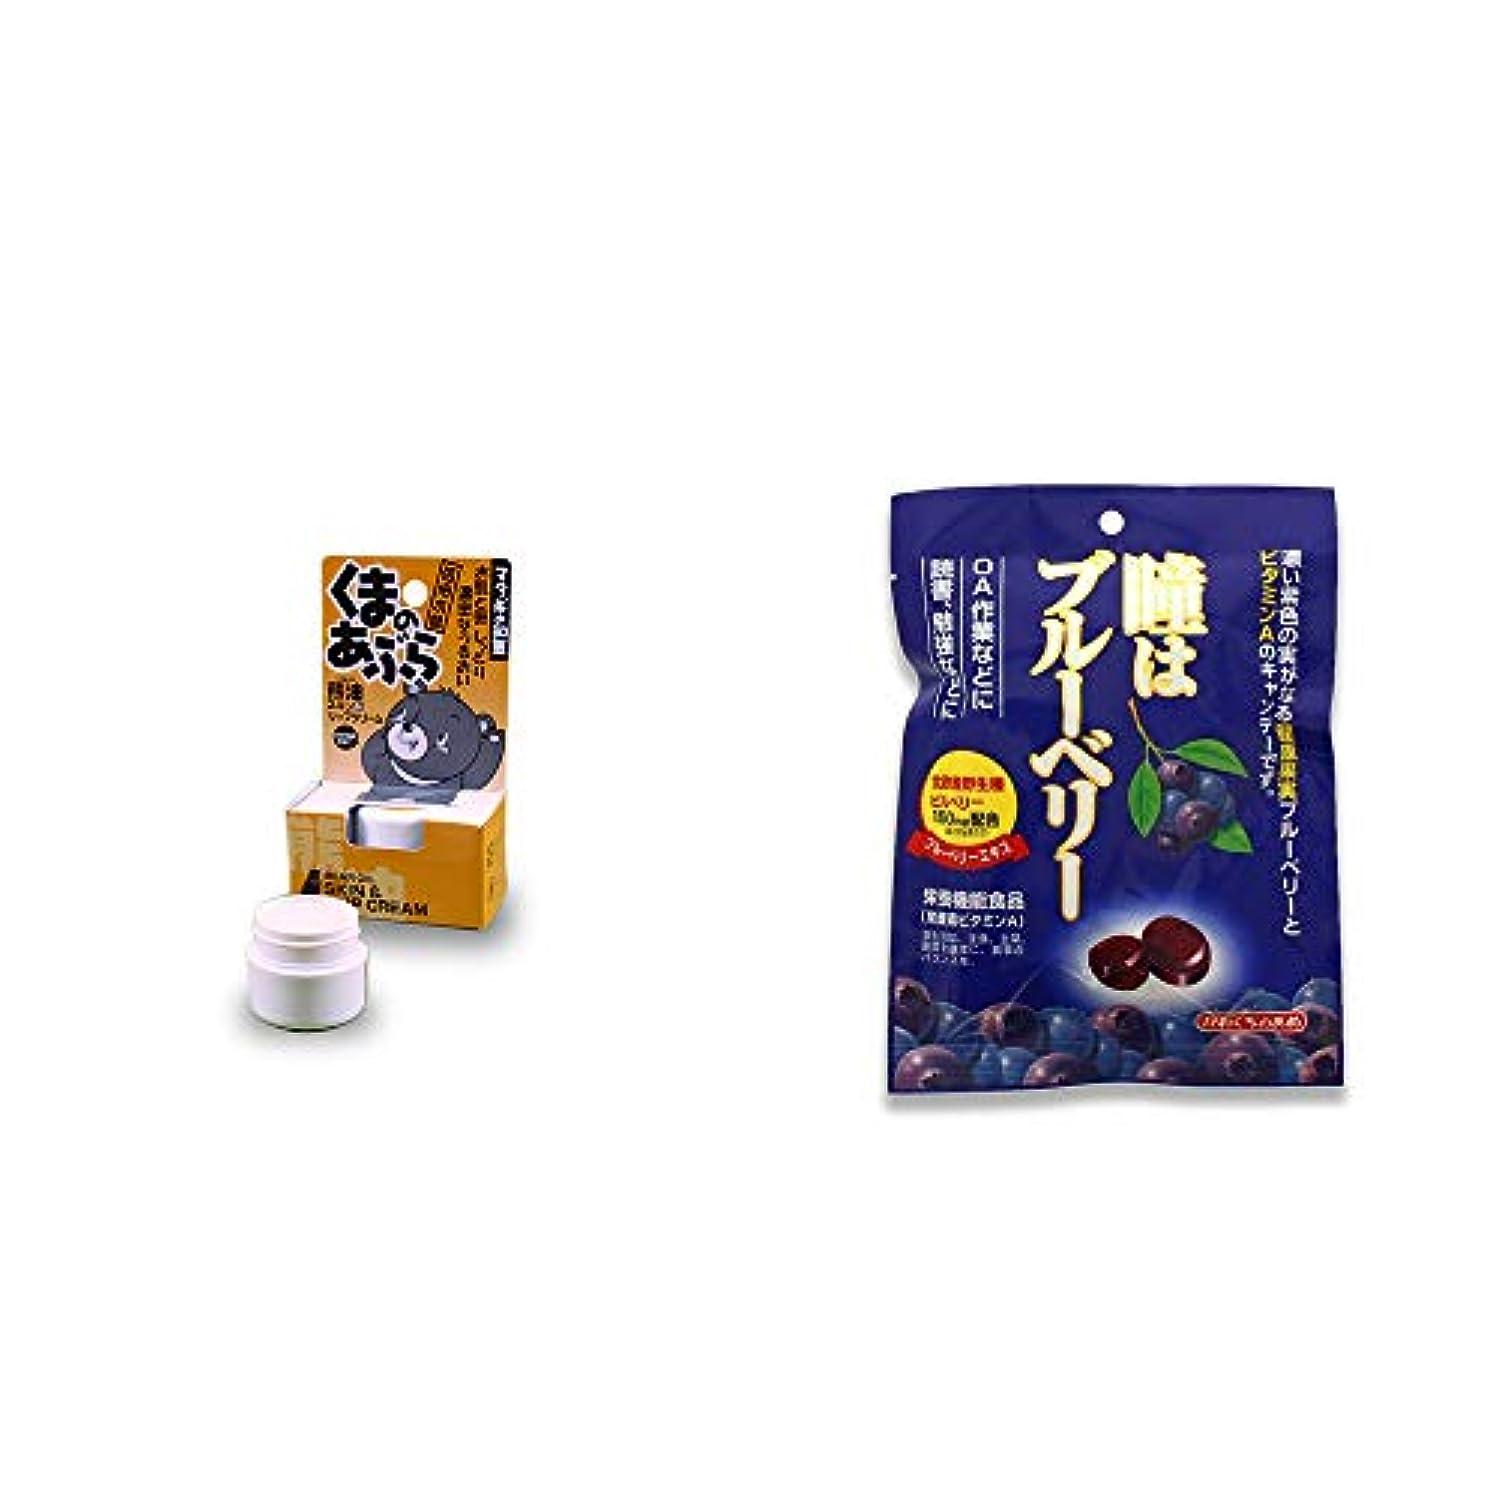 名詞感じ項目[2点セット] 信州木曽 くまのあぶら 熊油スキン&リップクリーム(9g)?瞳はブルーベリー 健康機能食品[ビタミンA](100g)